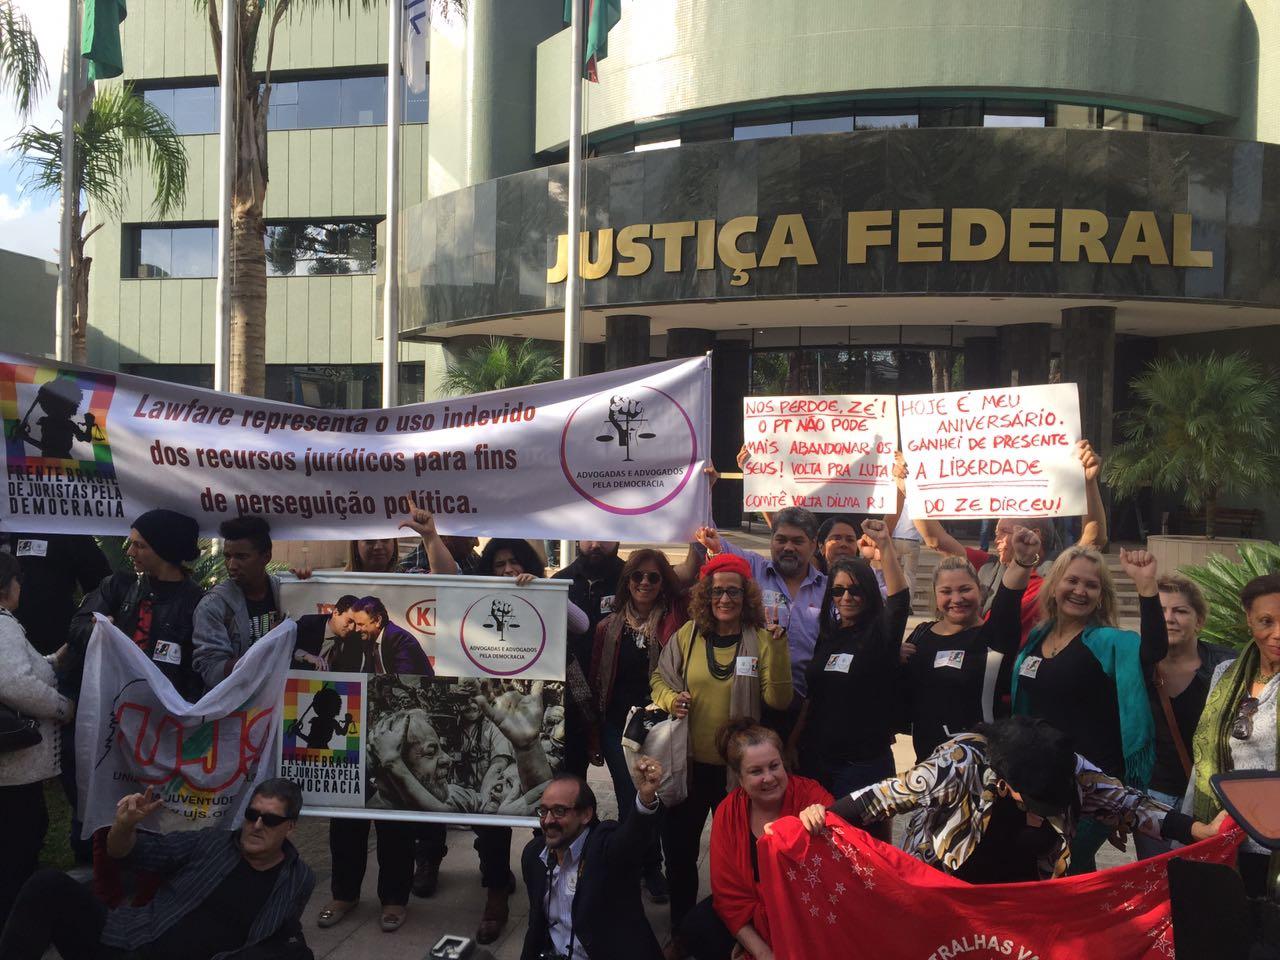 Manifestantes em frente à Justiça Federal. Foto: Thaissa Martiniuk